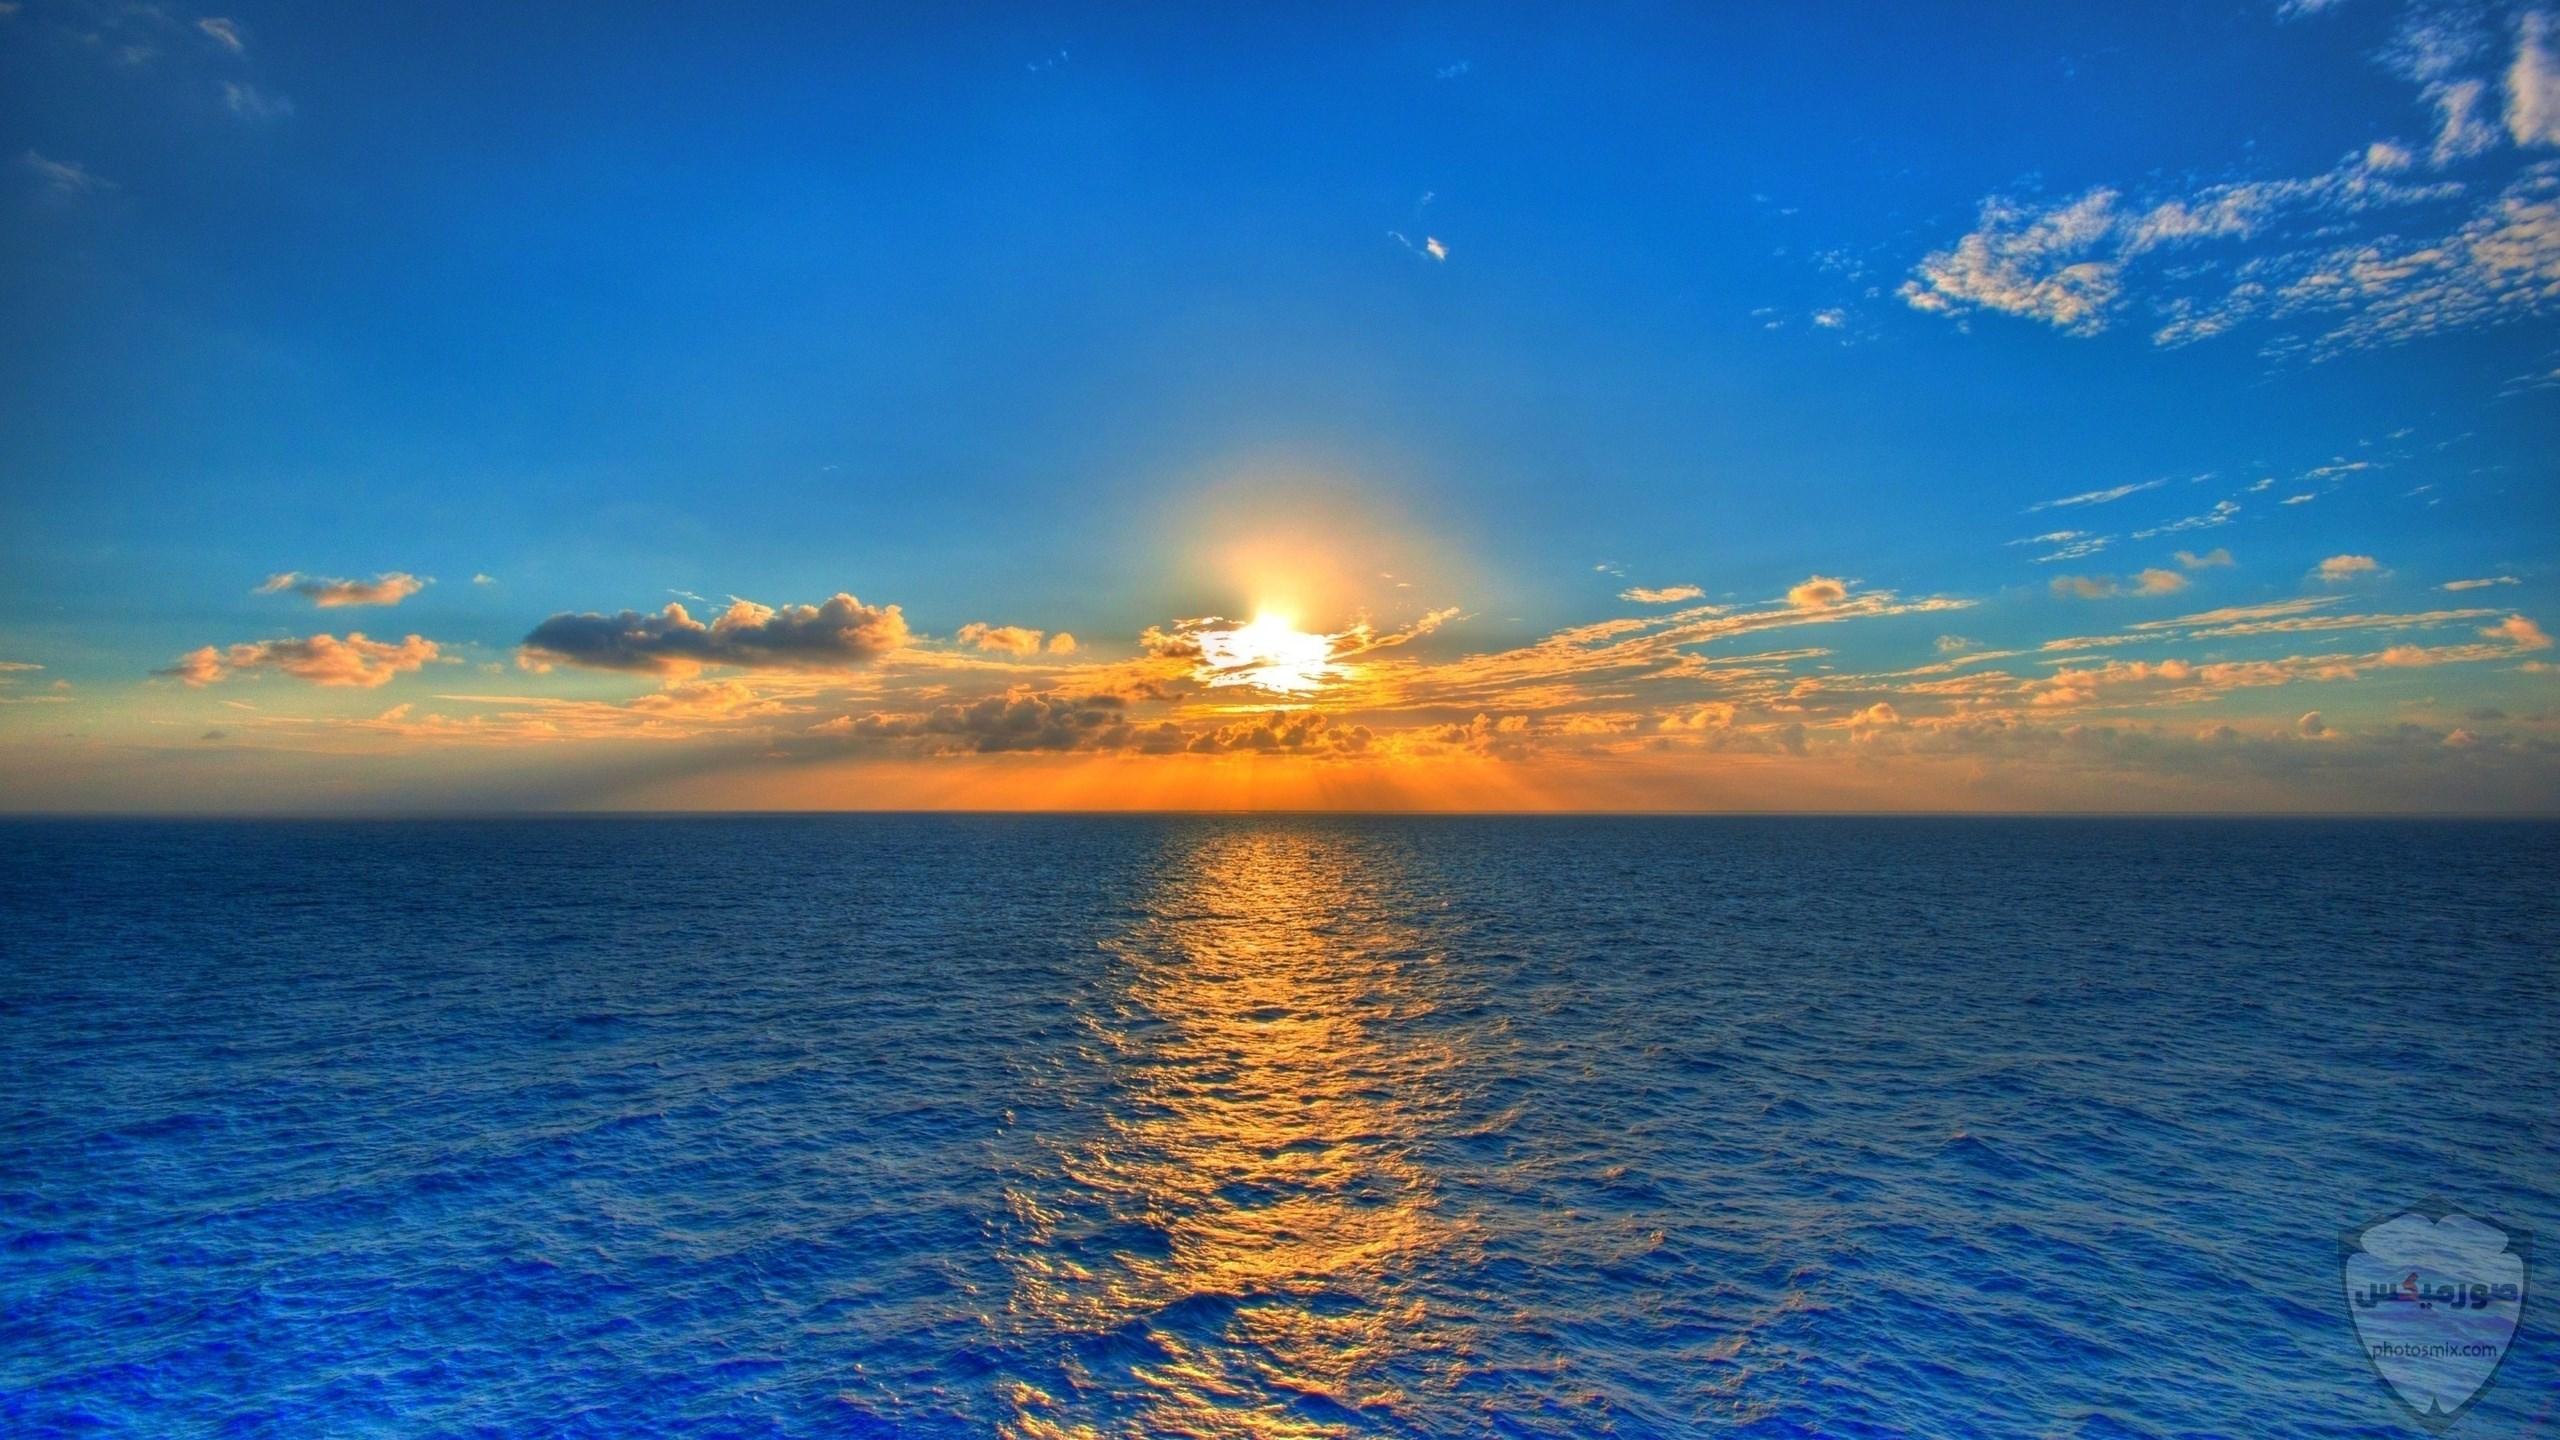 صور بحر وشاطئ صور وخلفيات بحور وشواطئ جميلة اجمل خلفيات بحار جودة عالية 14